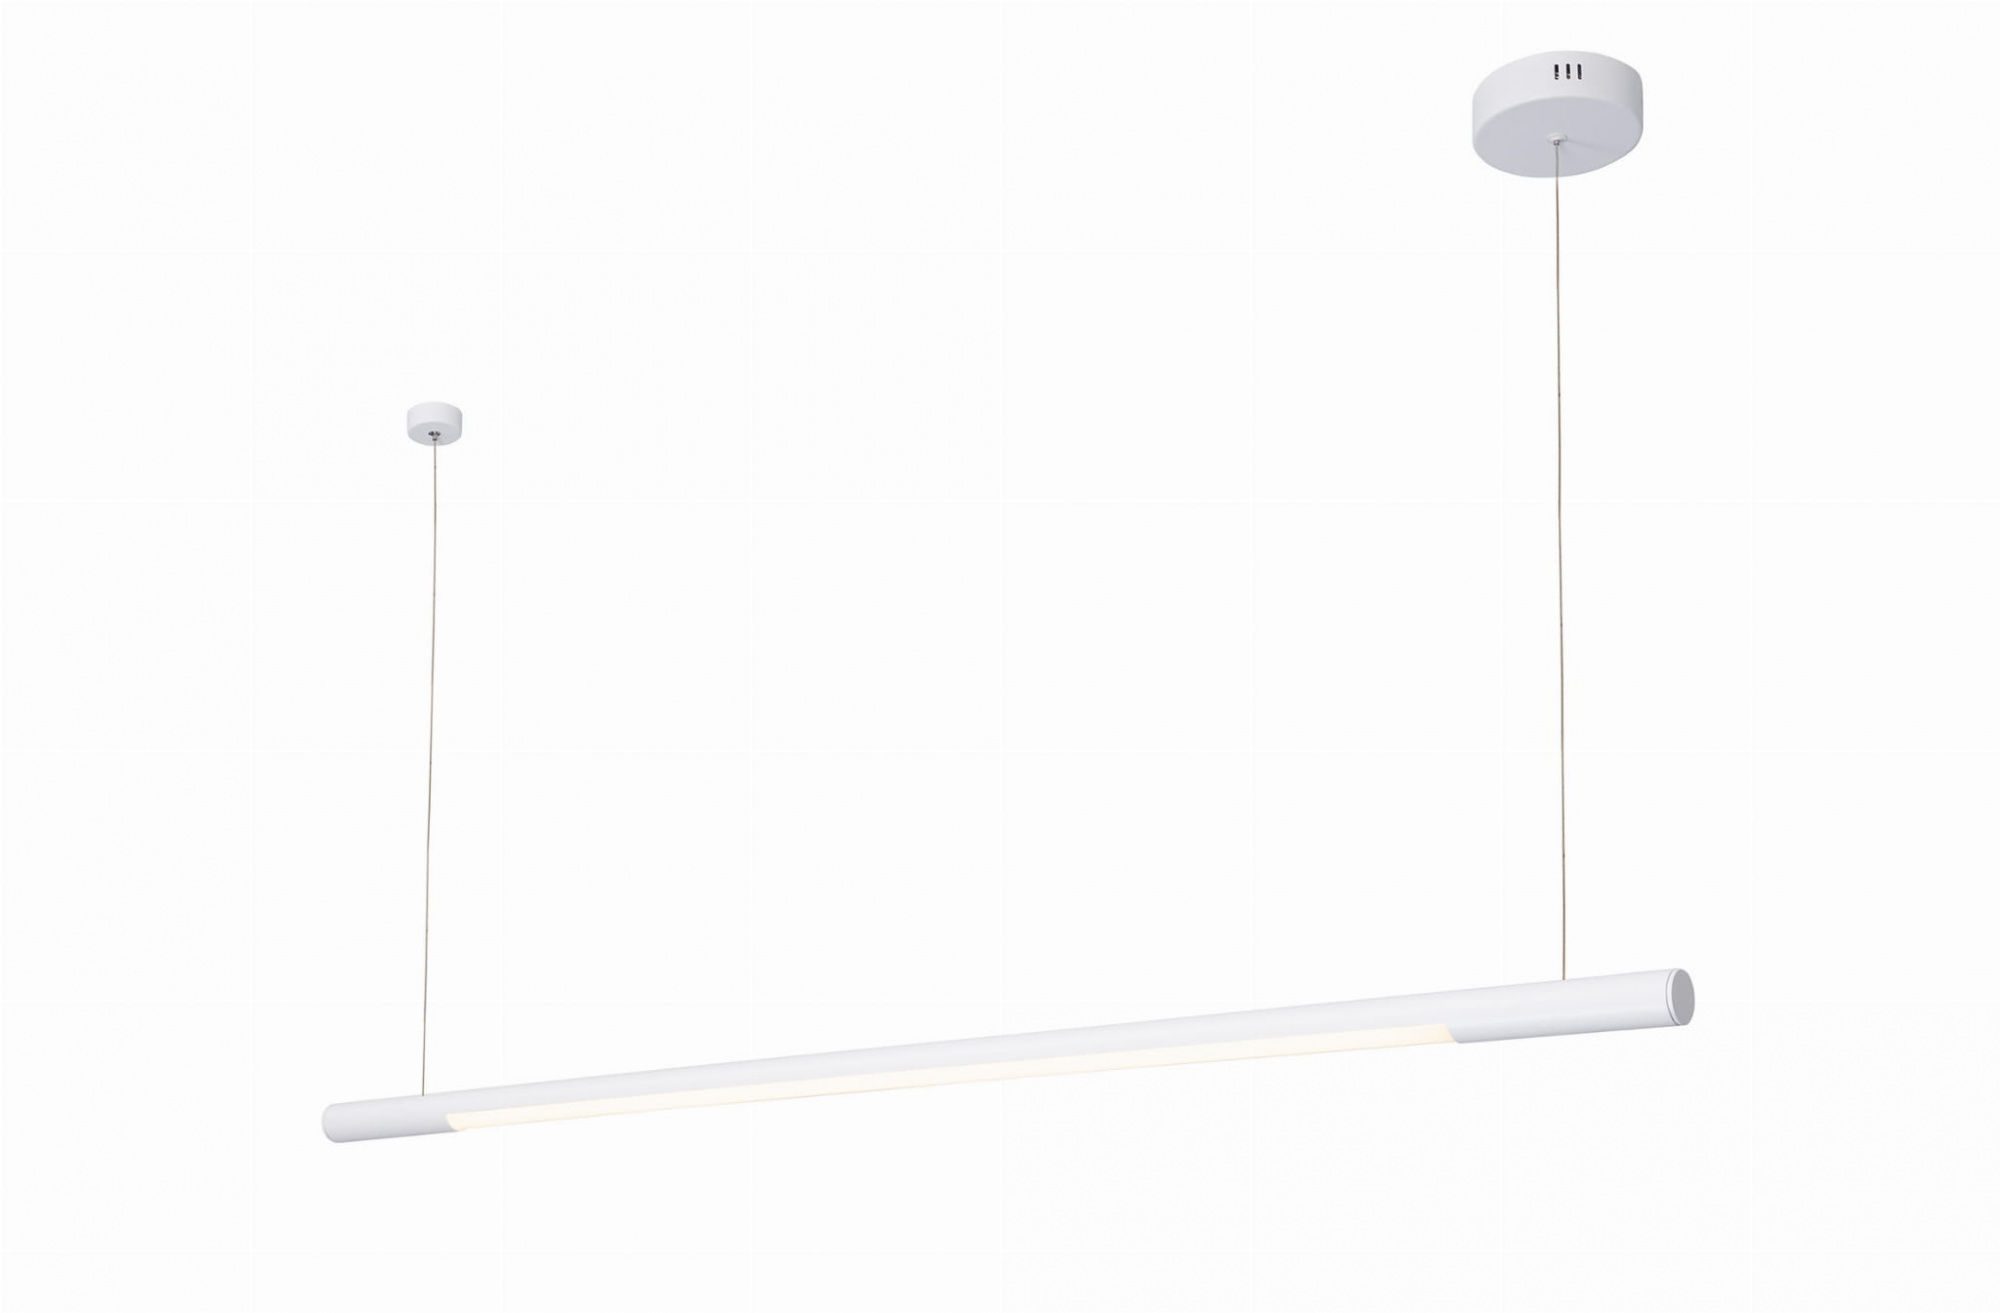 Lampa wisząca Organic Horizon P0361 Maxlight pojedyncza biała oprawa sufitowa